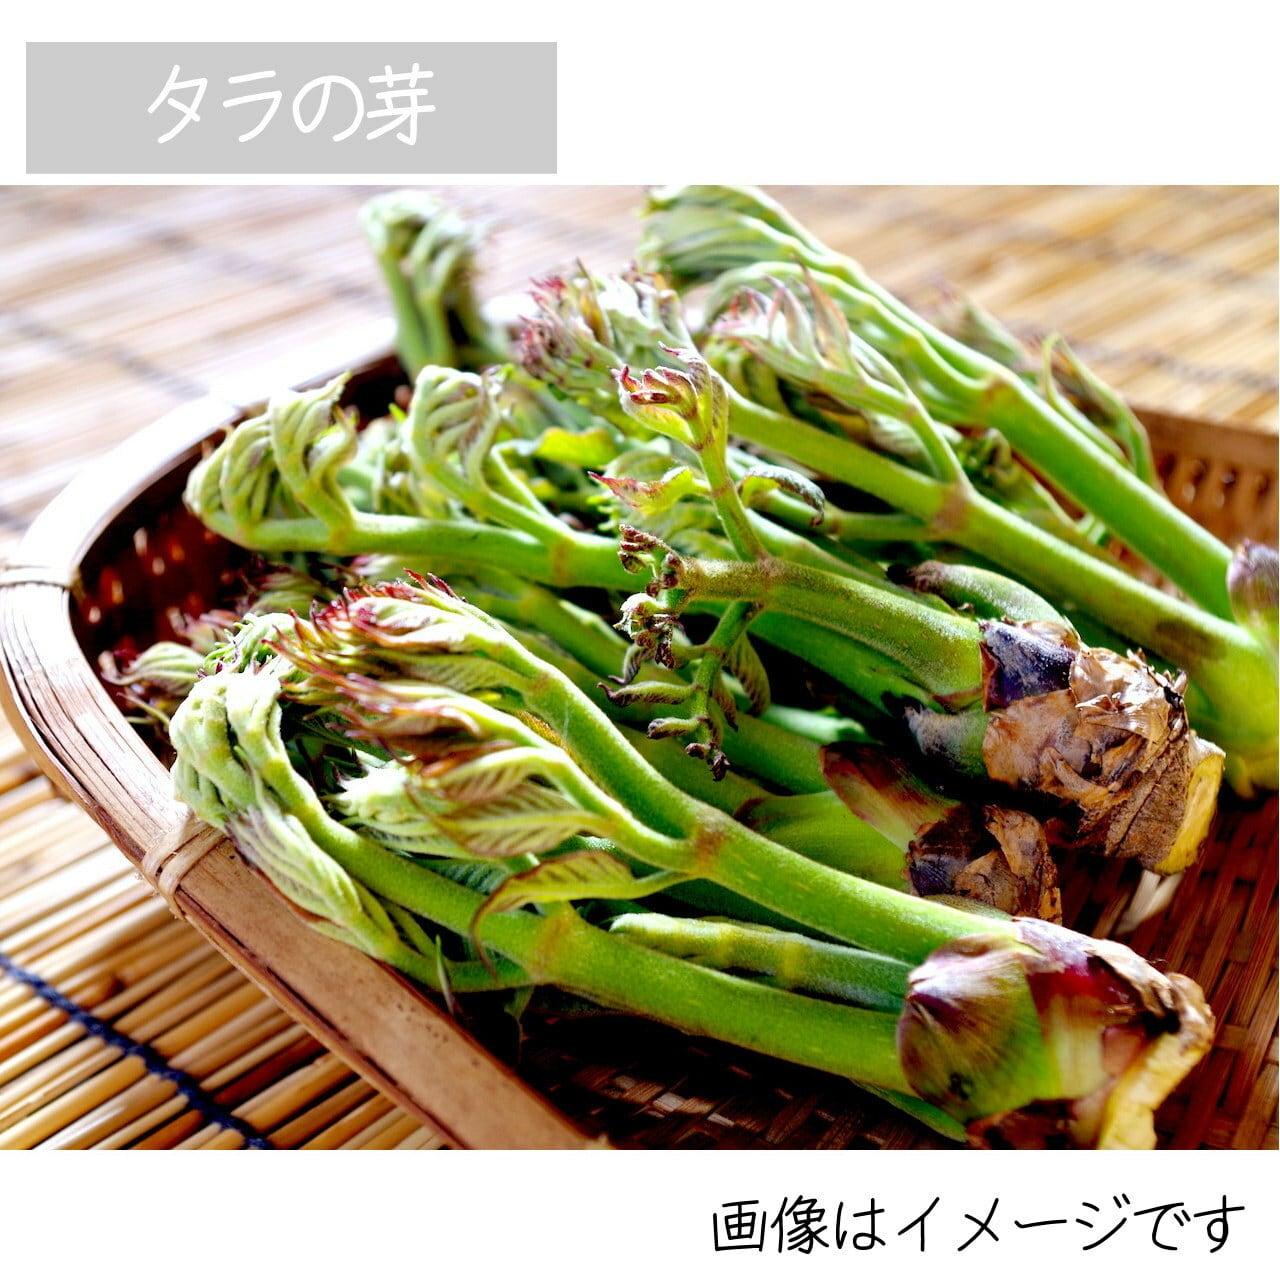 4月の山菜 タラの芽 約50g 朝採り直売野菜 5月上旬発送予定